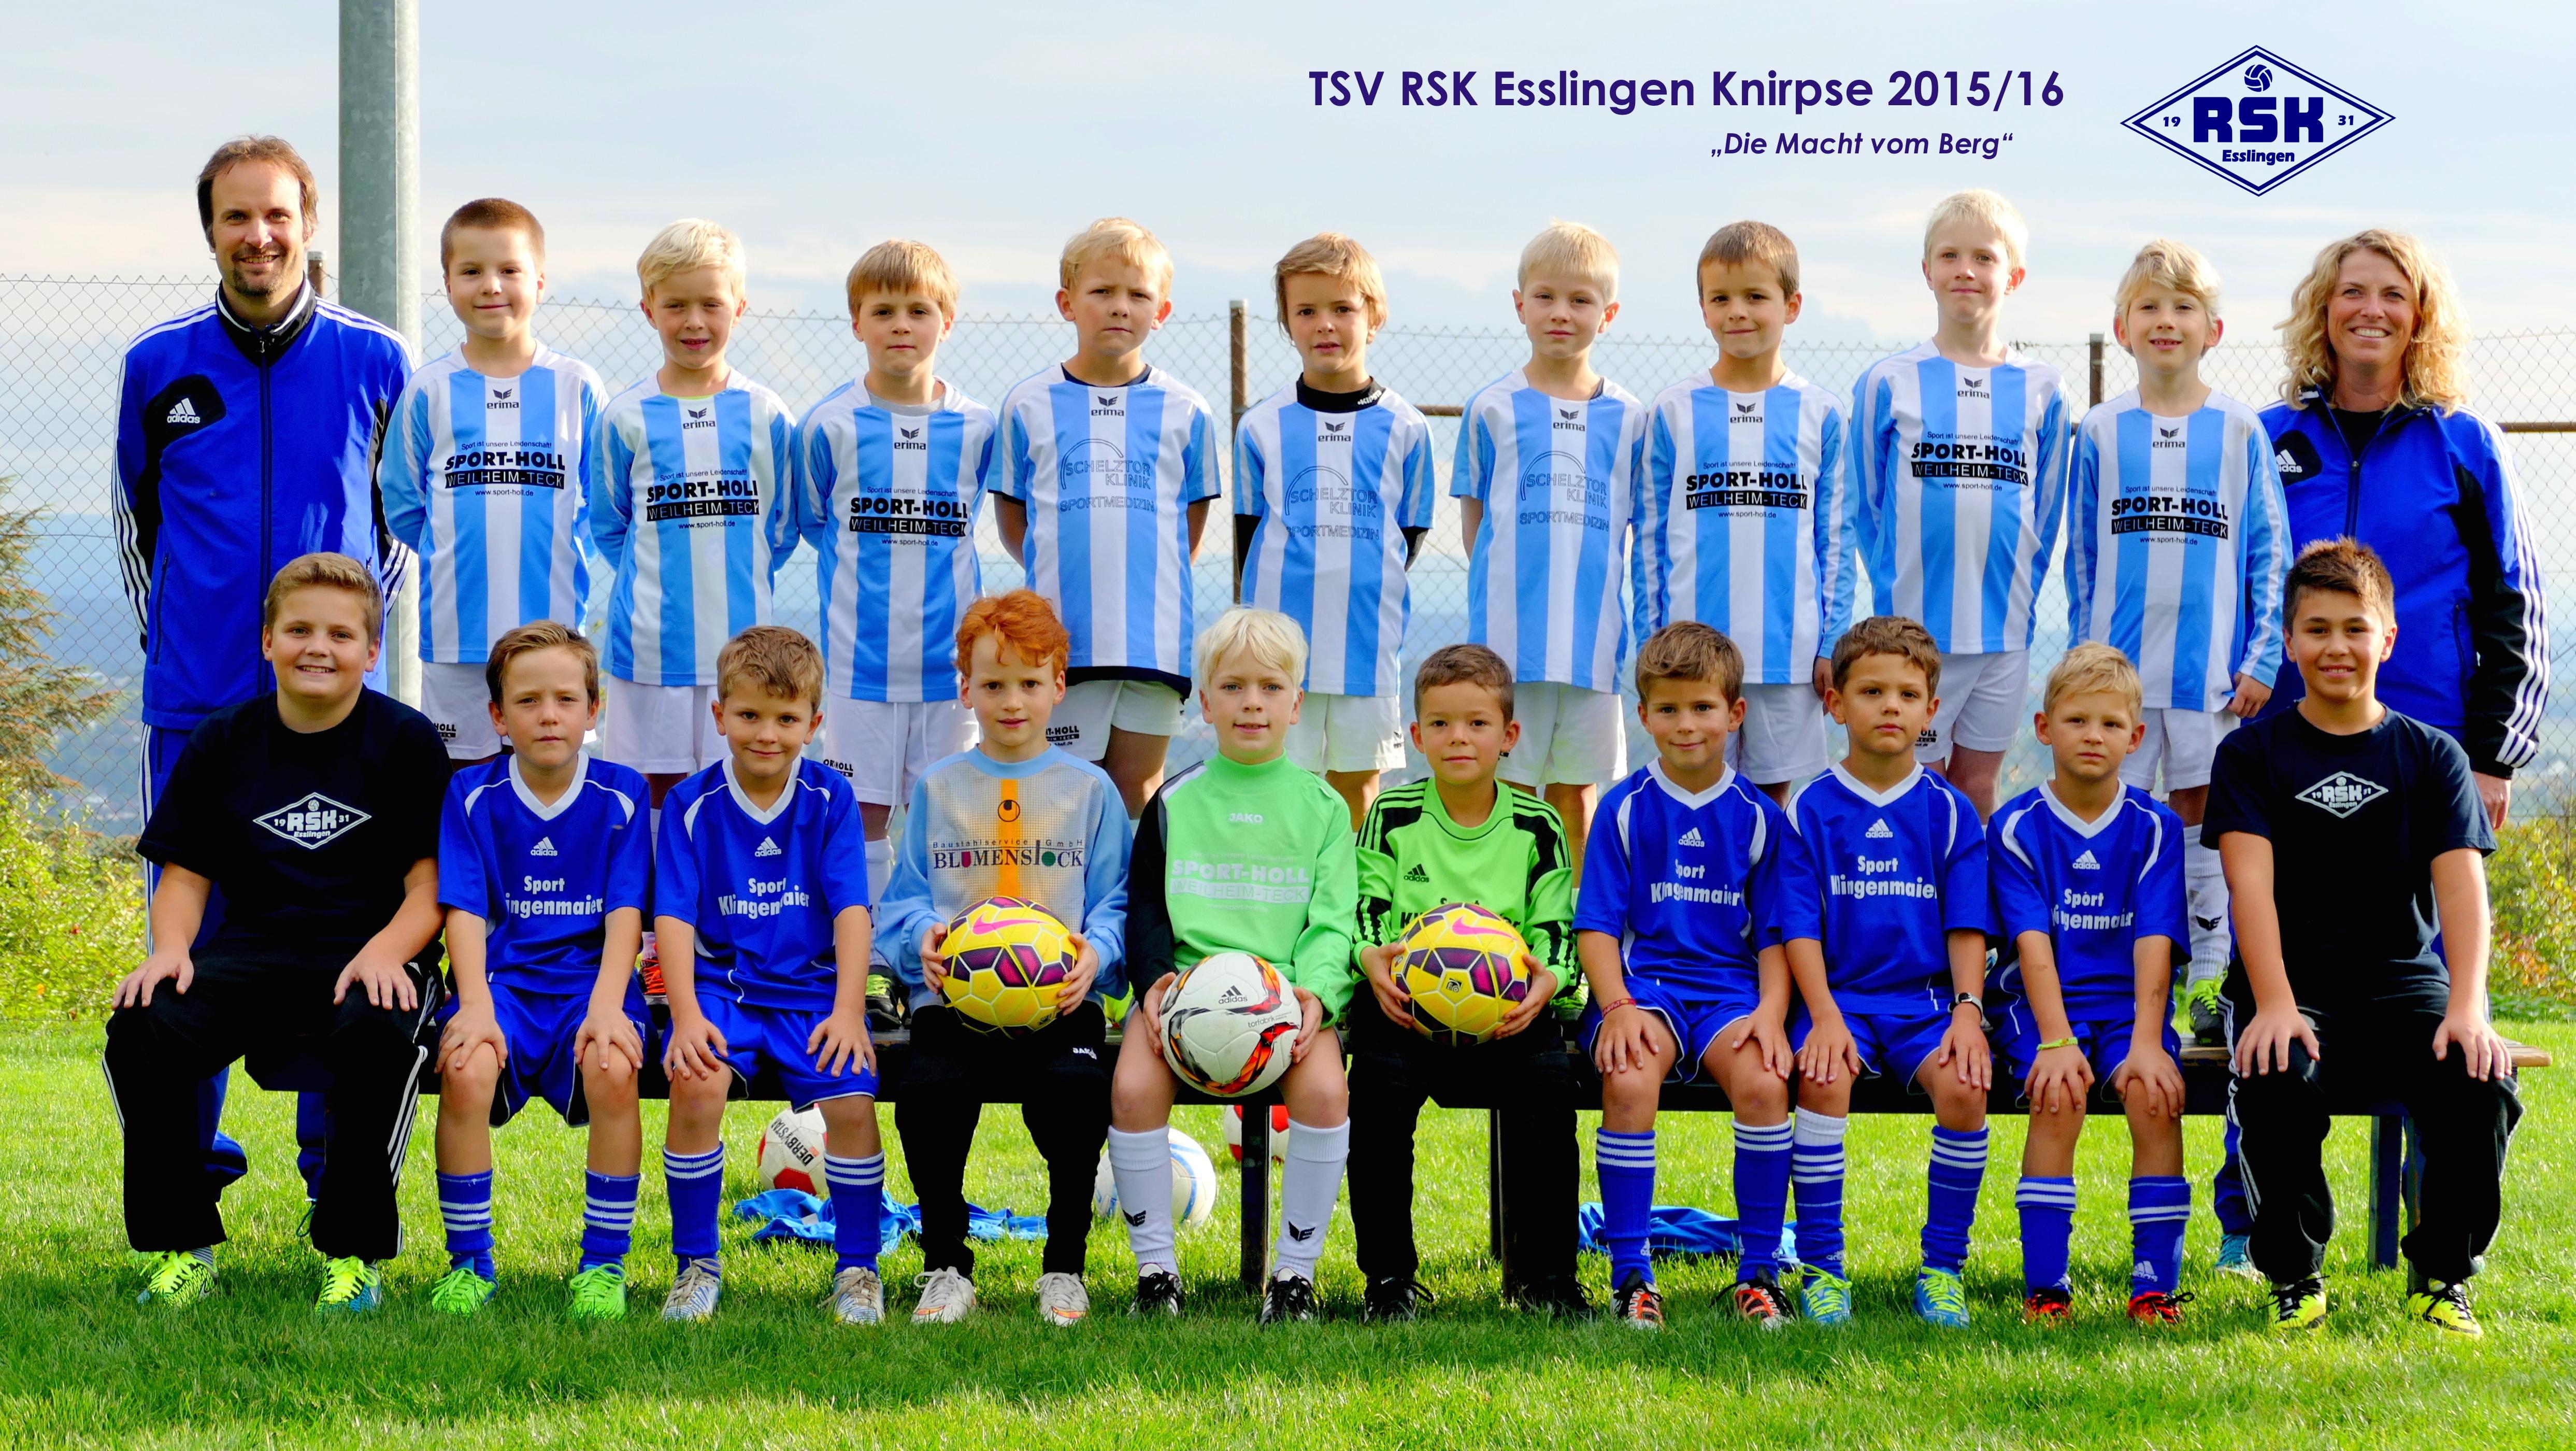 Knirpse 2015-16